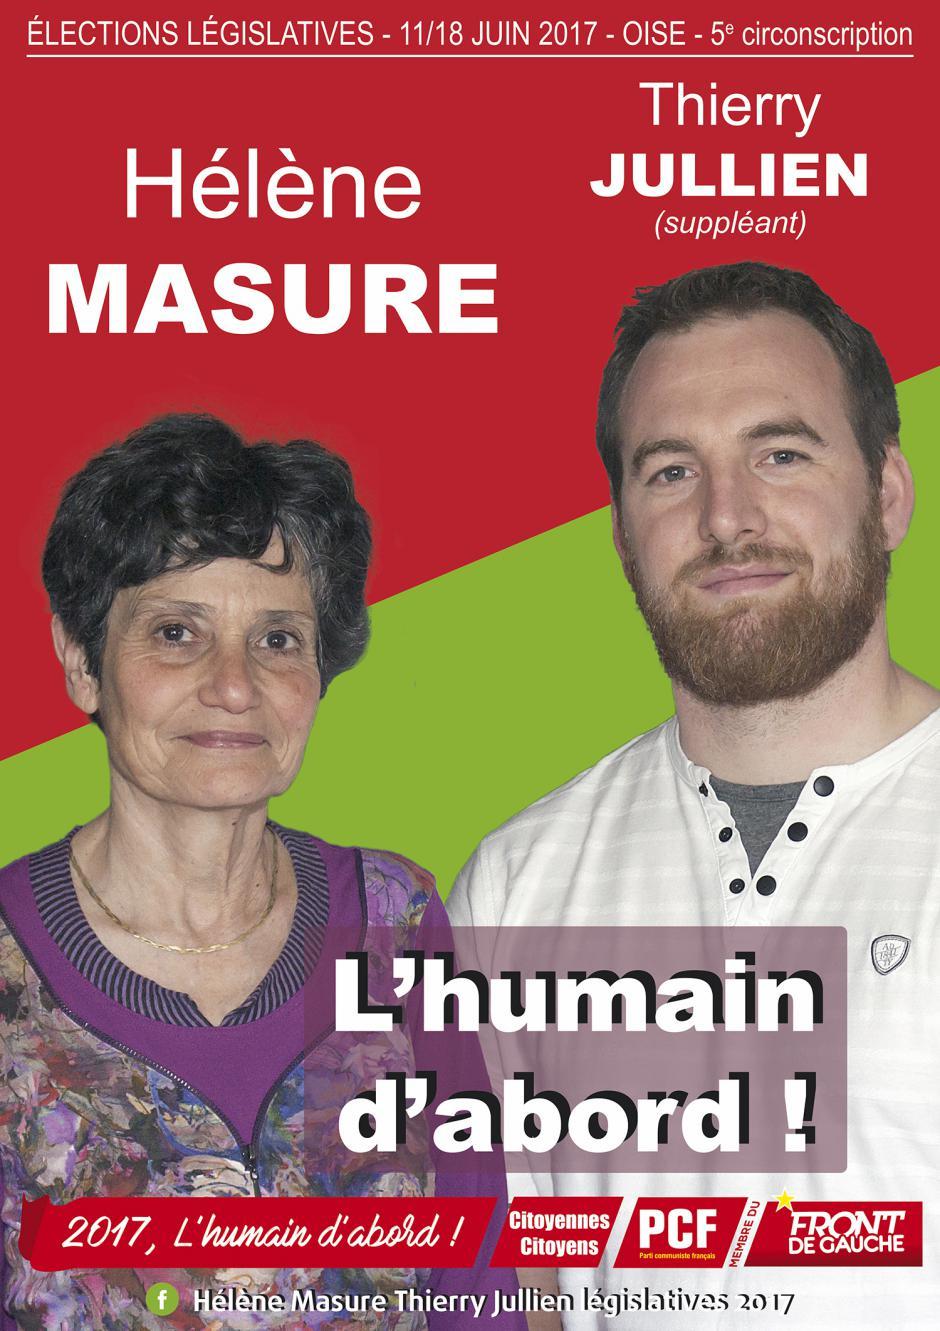 Législatives 2017 - 5e circonscription - Compiègne Sud-Crépy